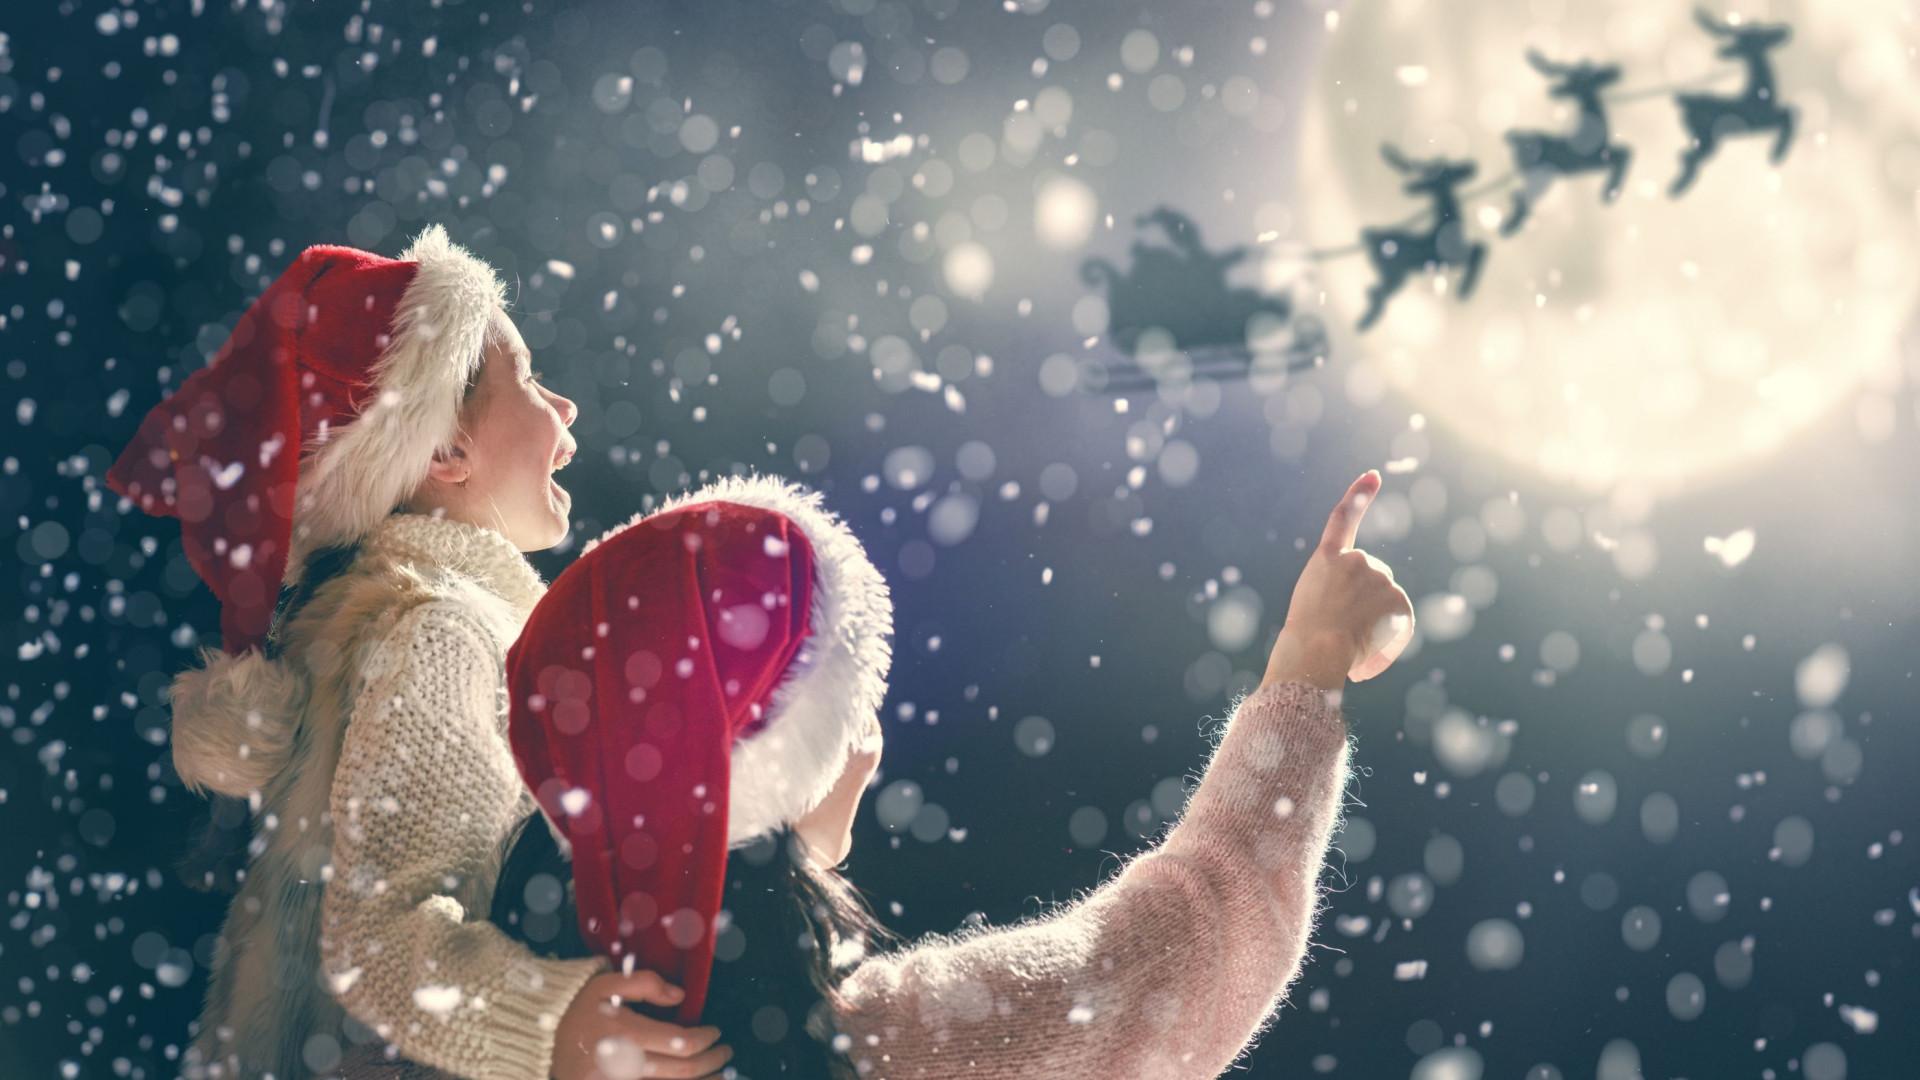 O Natal já chegou ao Parque Verde do LoureShopping